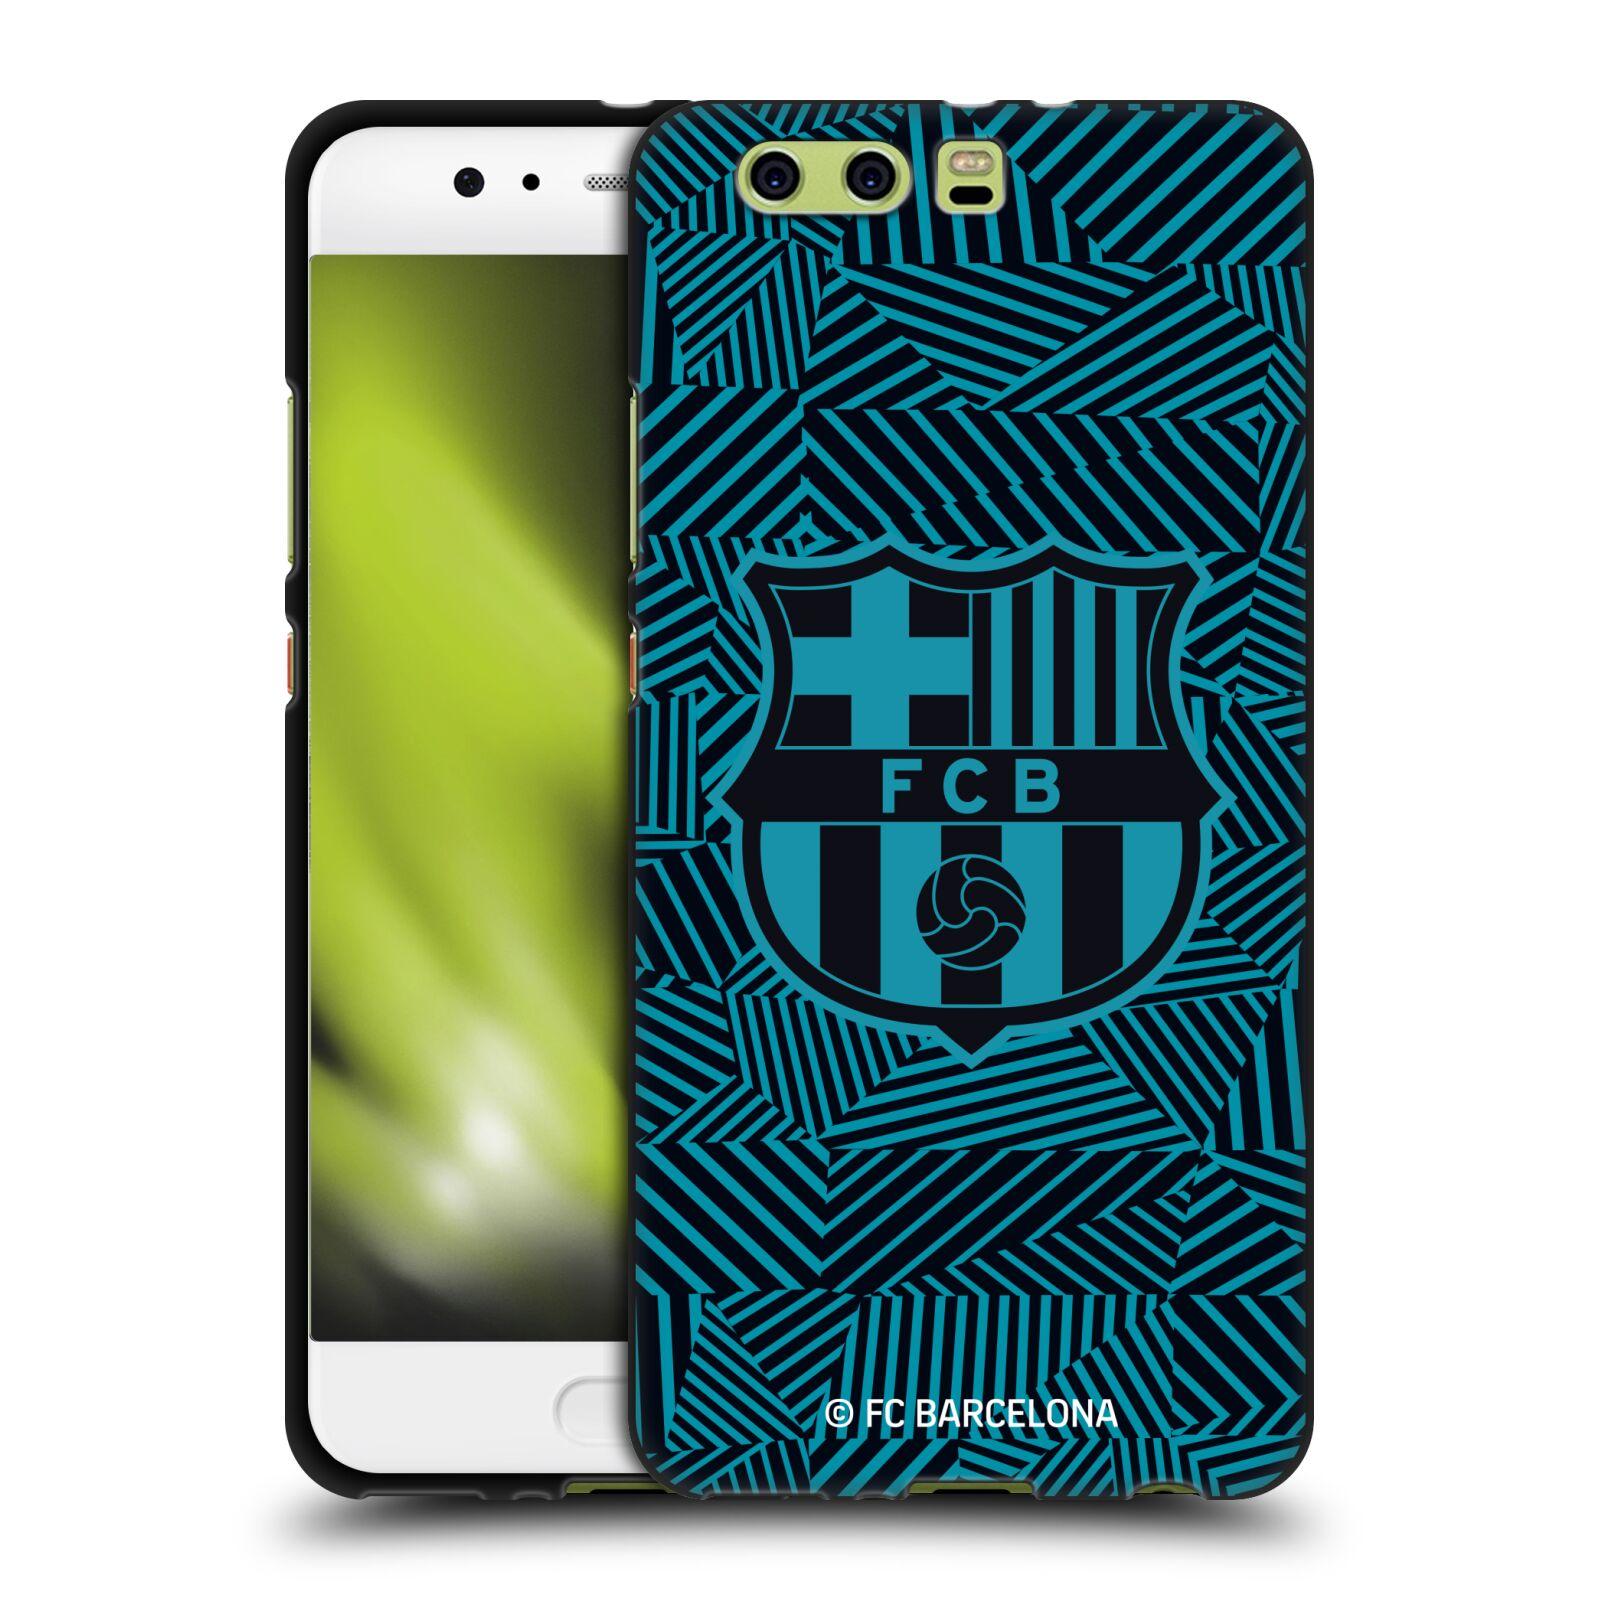 OFFICIAL-FC-BARCELONA-2017-18-CREST-BLACK-SOFT-GEL-CASE-FOR-HUAWEI-PHONES